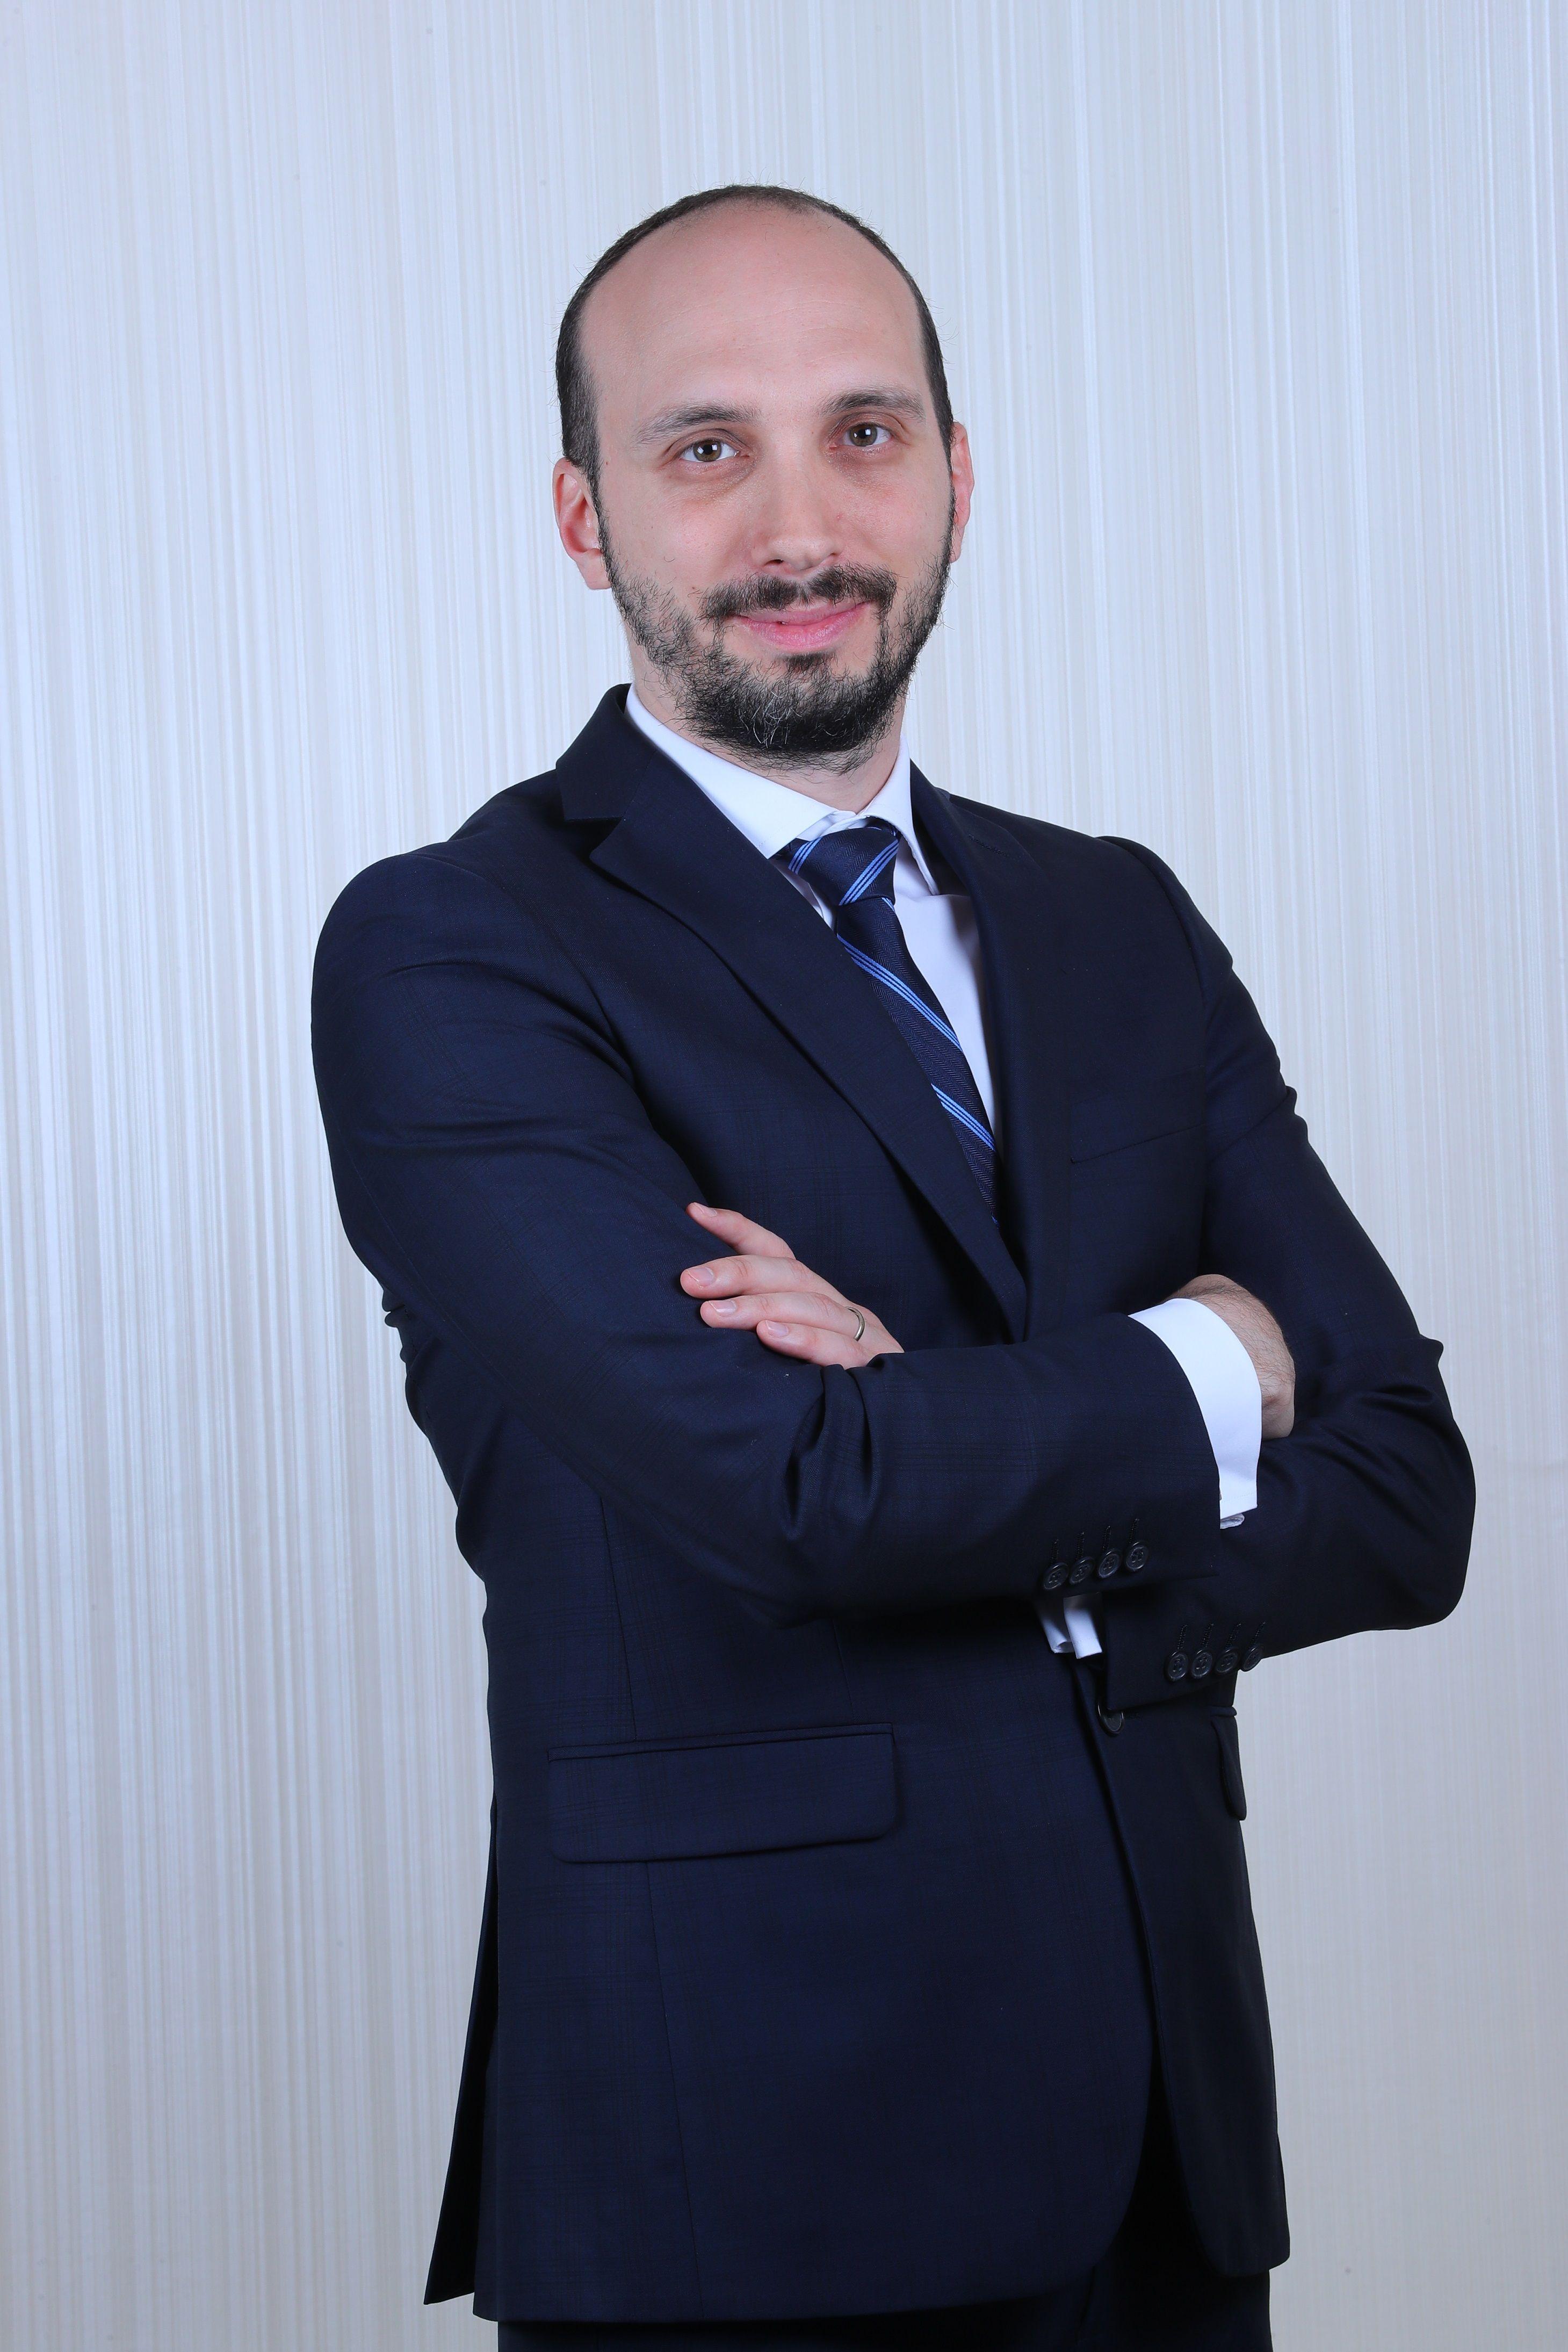 Joe El Sebaaly